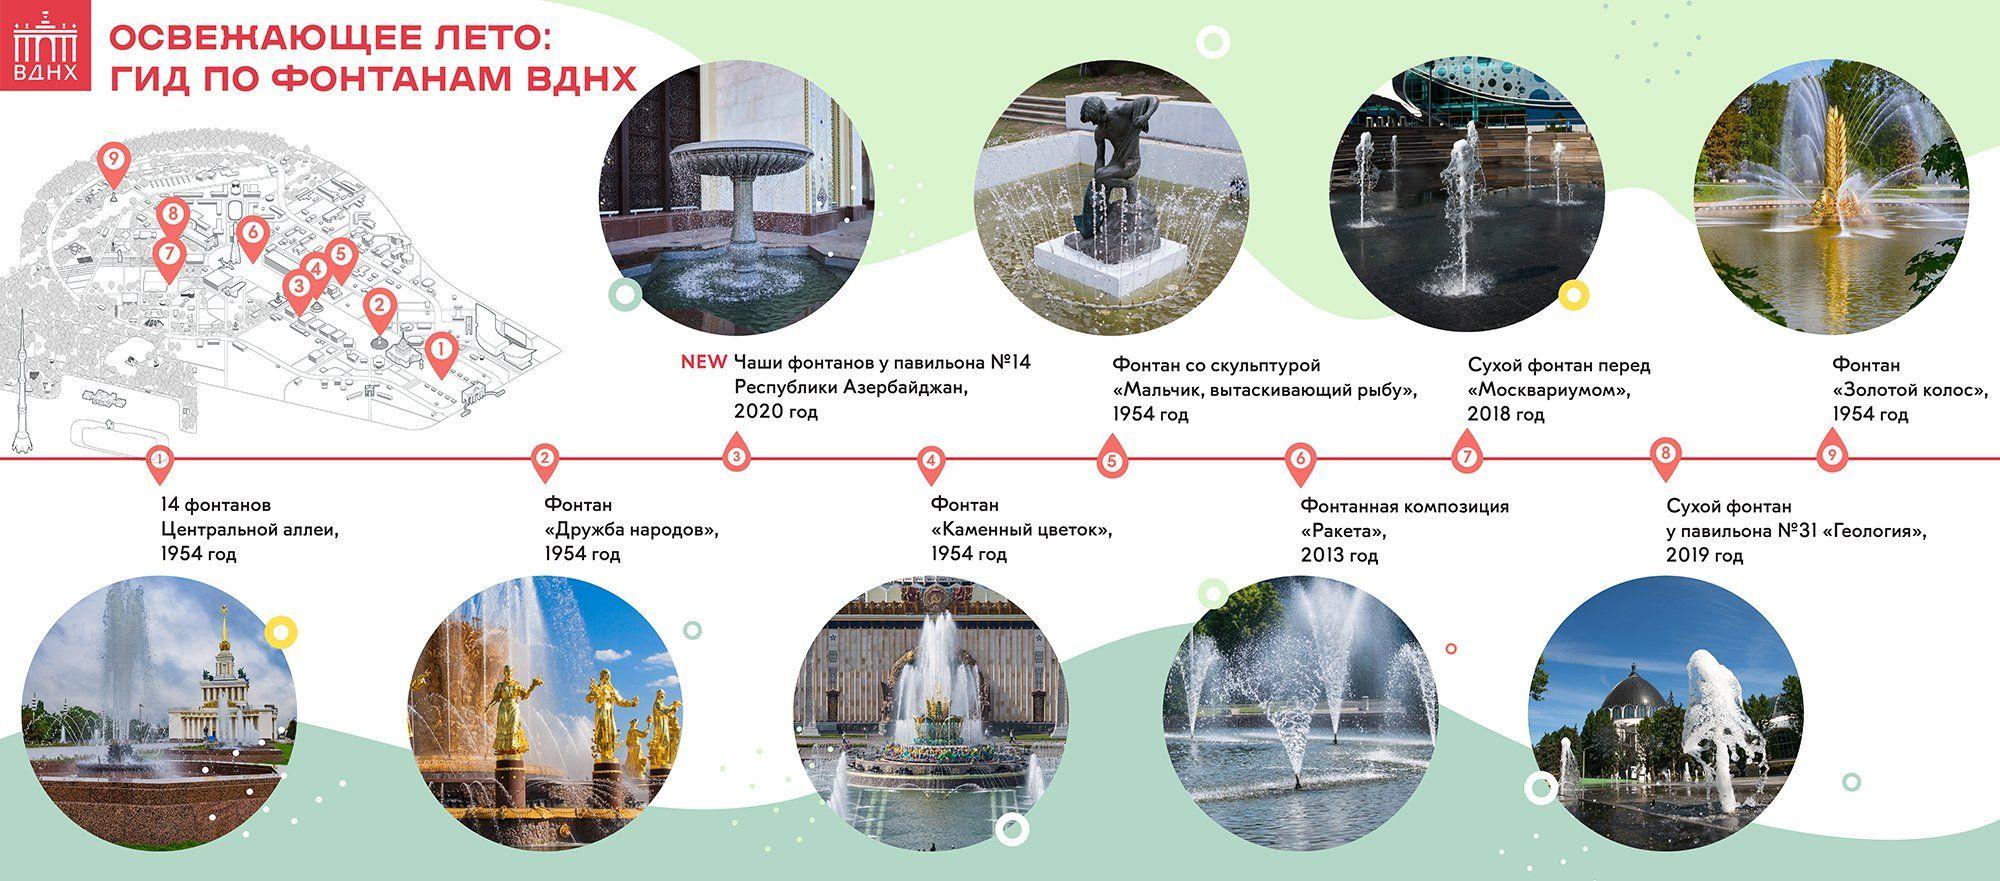 ВДНХ подготовила путеводитель по фонтанам